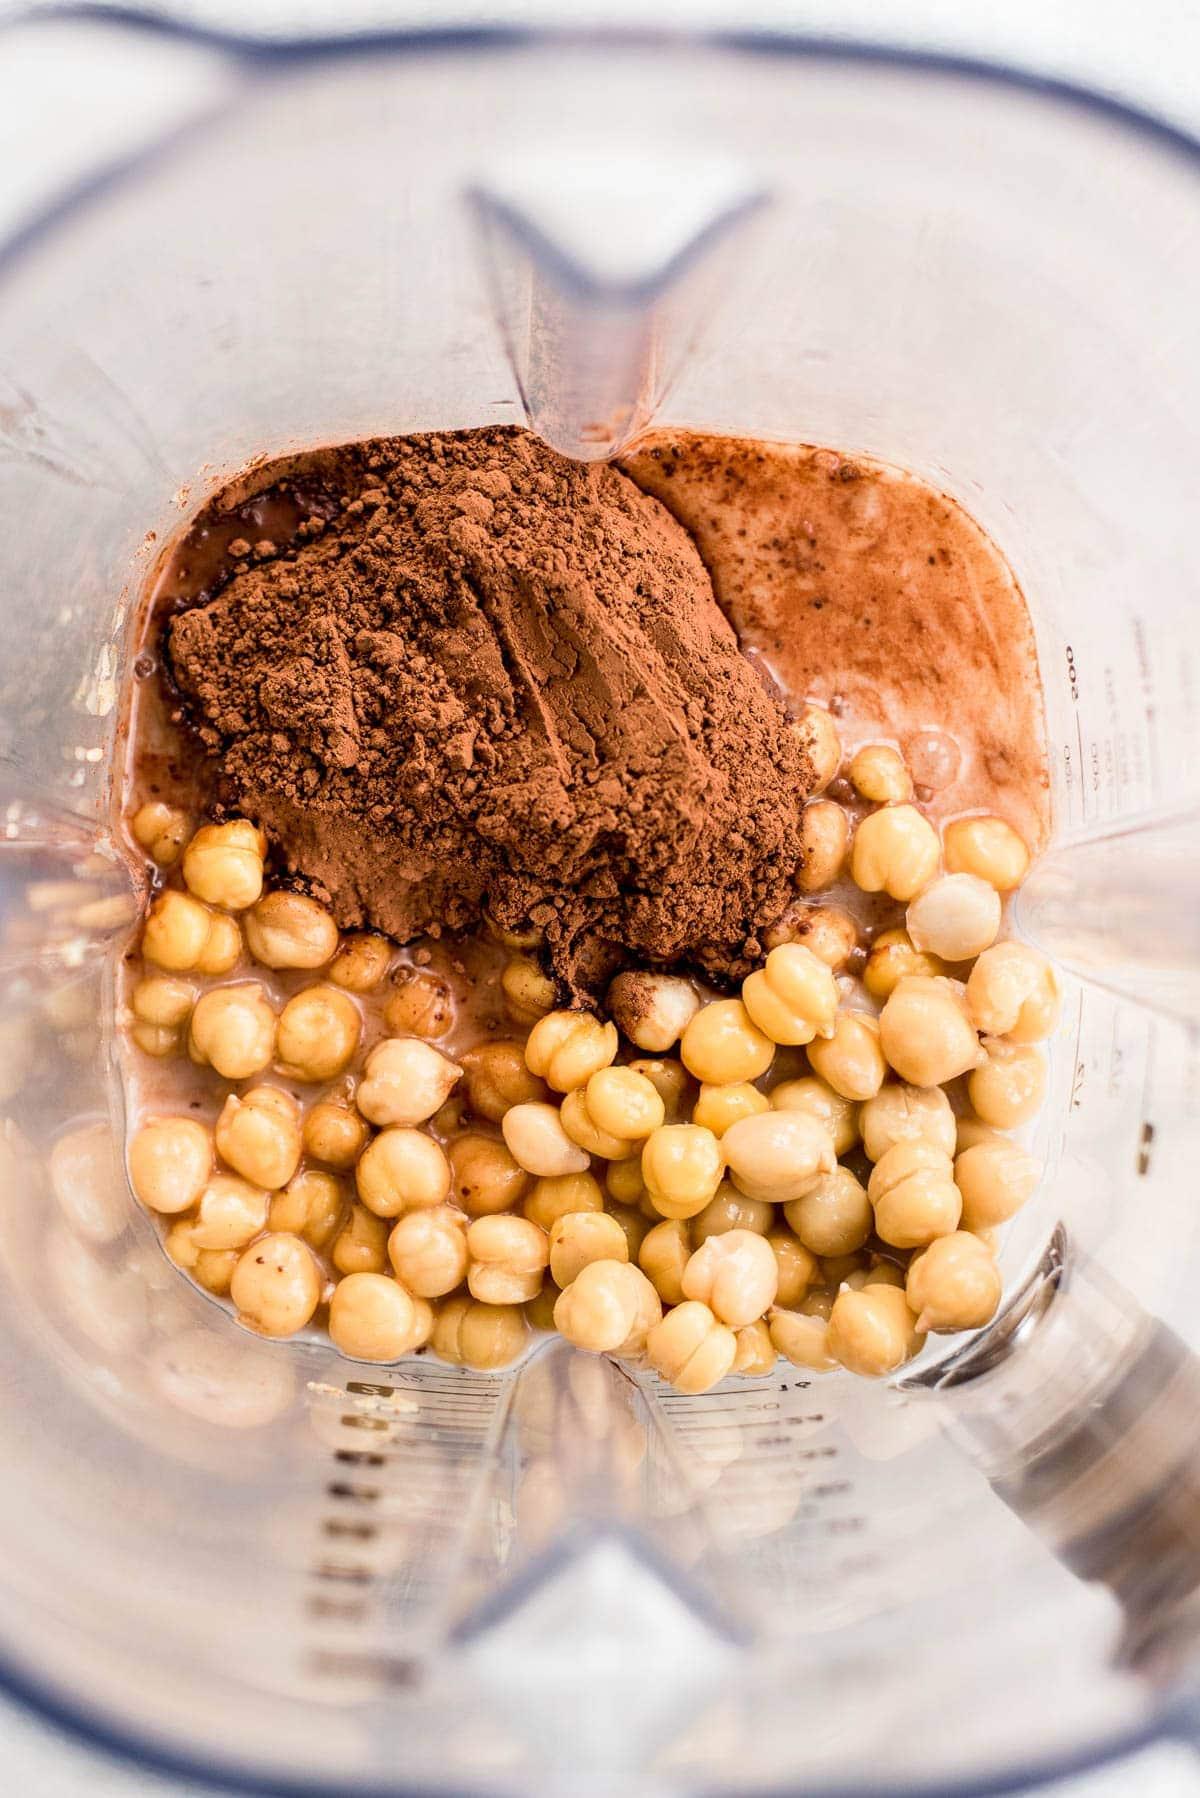 ingredients for chocolate hummus in blender